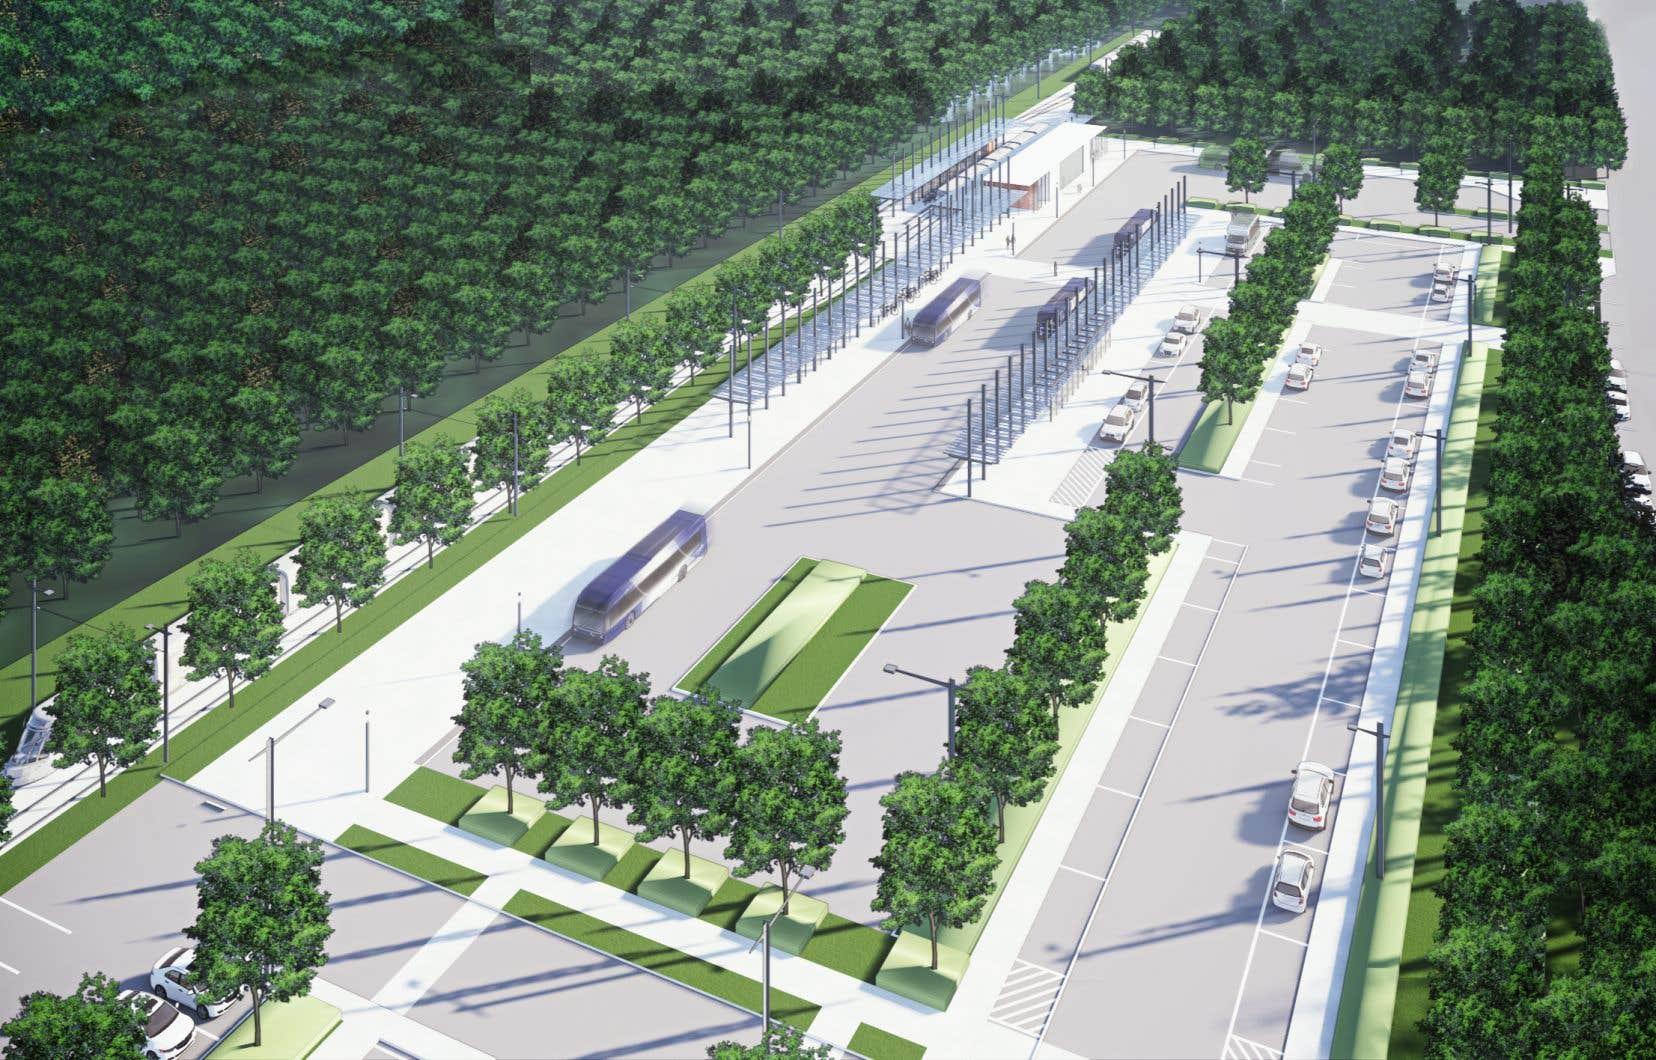 La zone ciblée se trouve entre l'avenue Legendre et l'autoroute Duplessis.Le terminus du futur tramway doit être construit non loin de là, tout comme le futur centre d'entretien du réseau de transport.